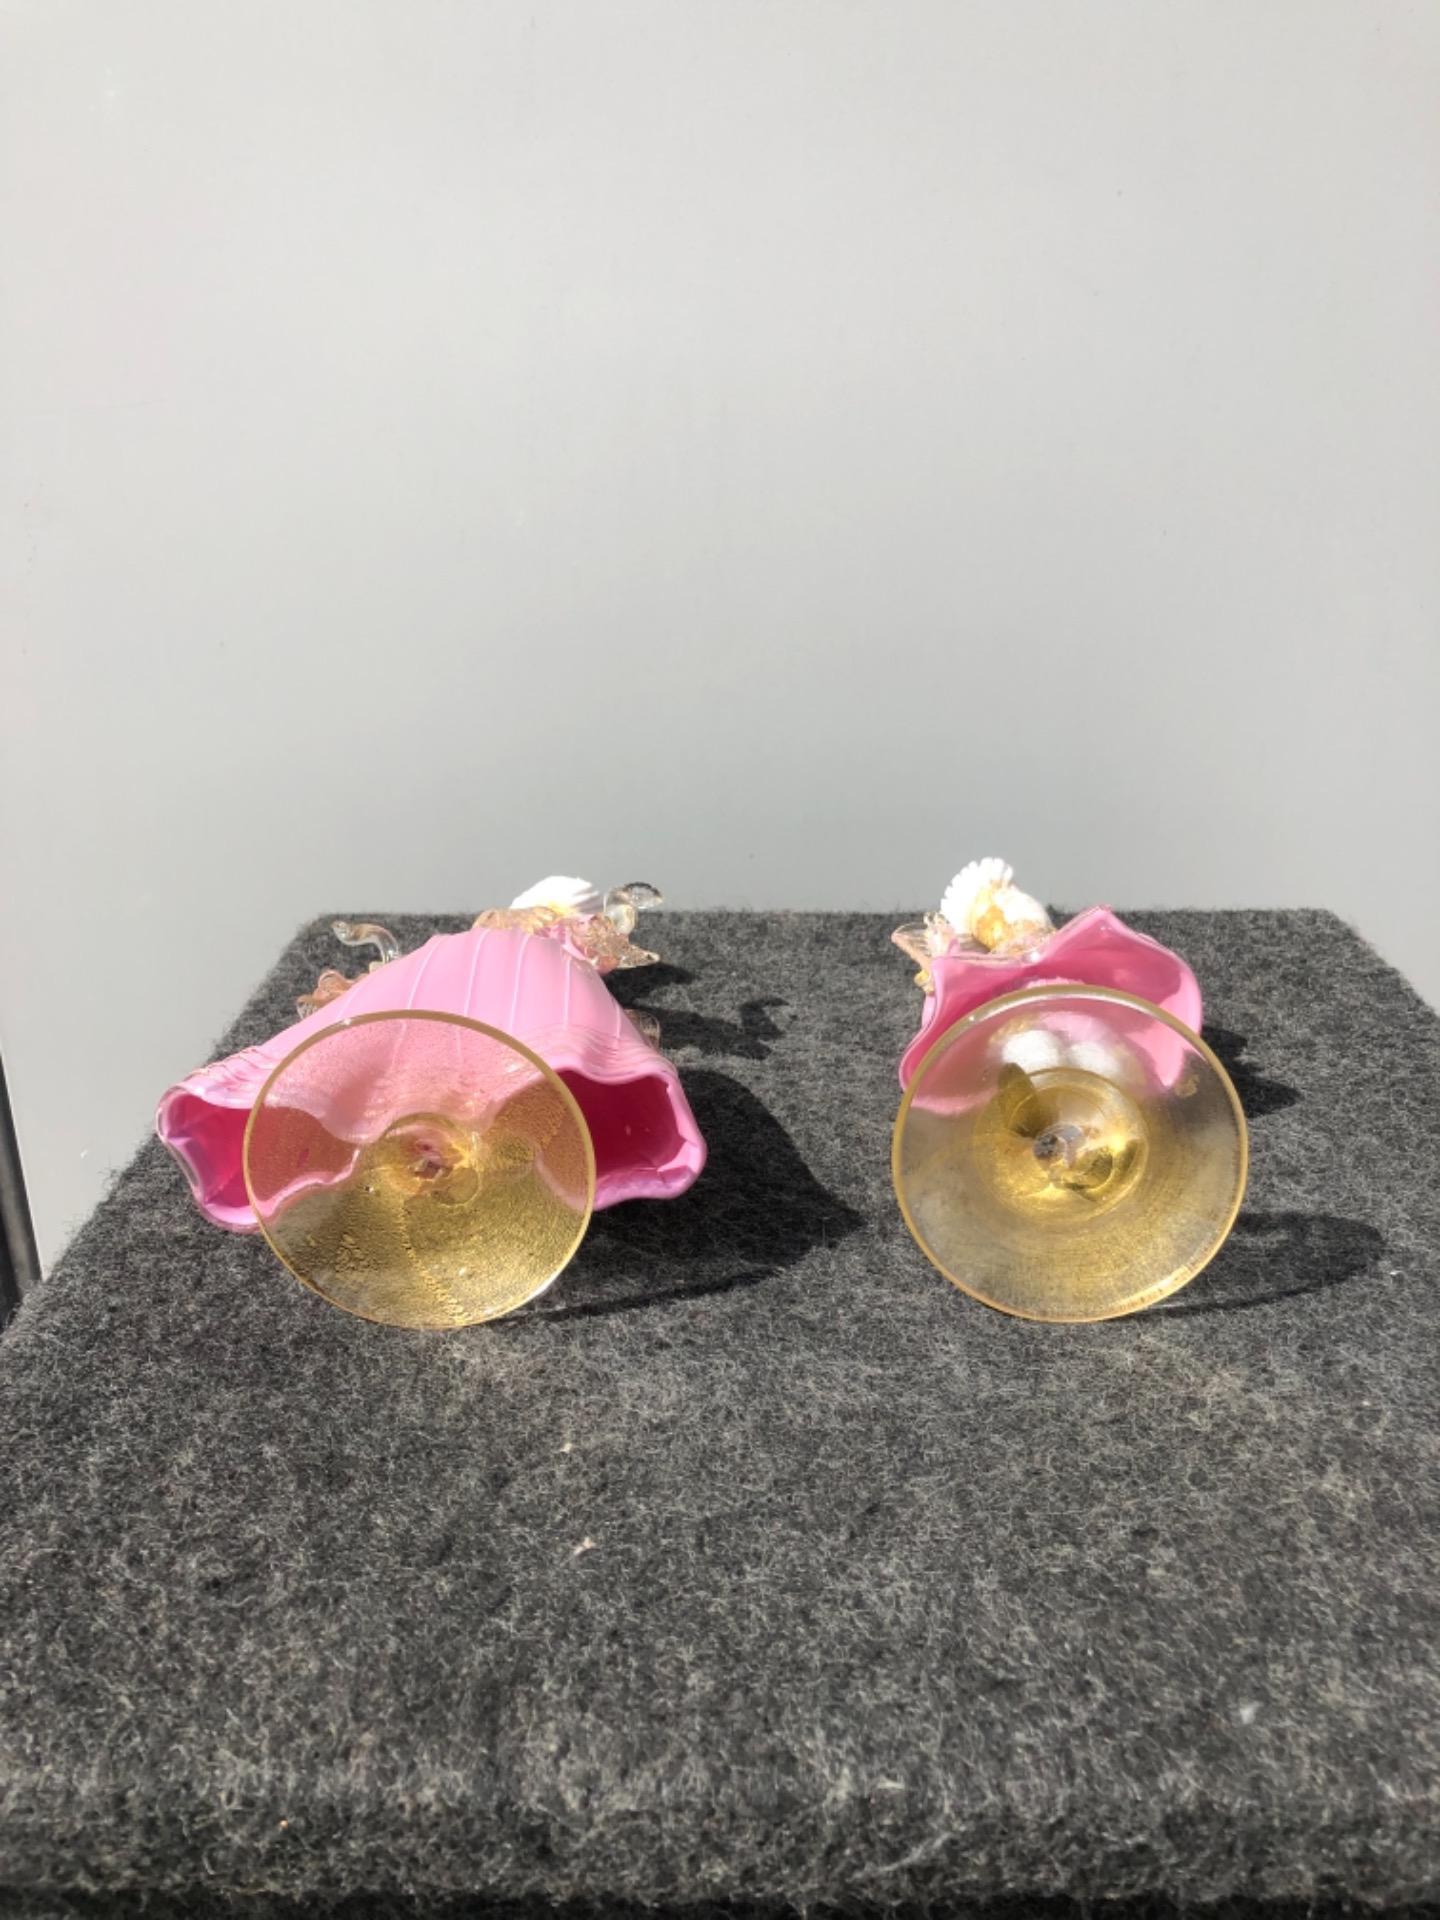 thumb4|Coppia di figure cavaliere e dama in vetro con inclusioni in oro.Murano